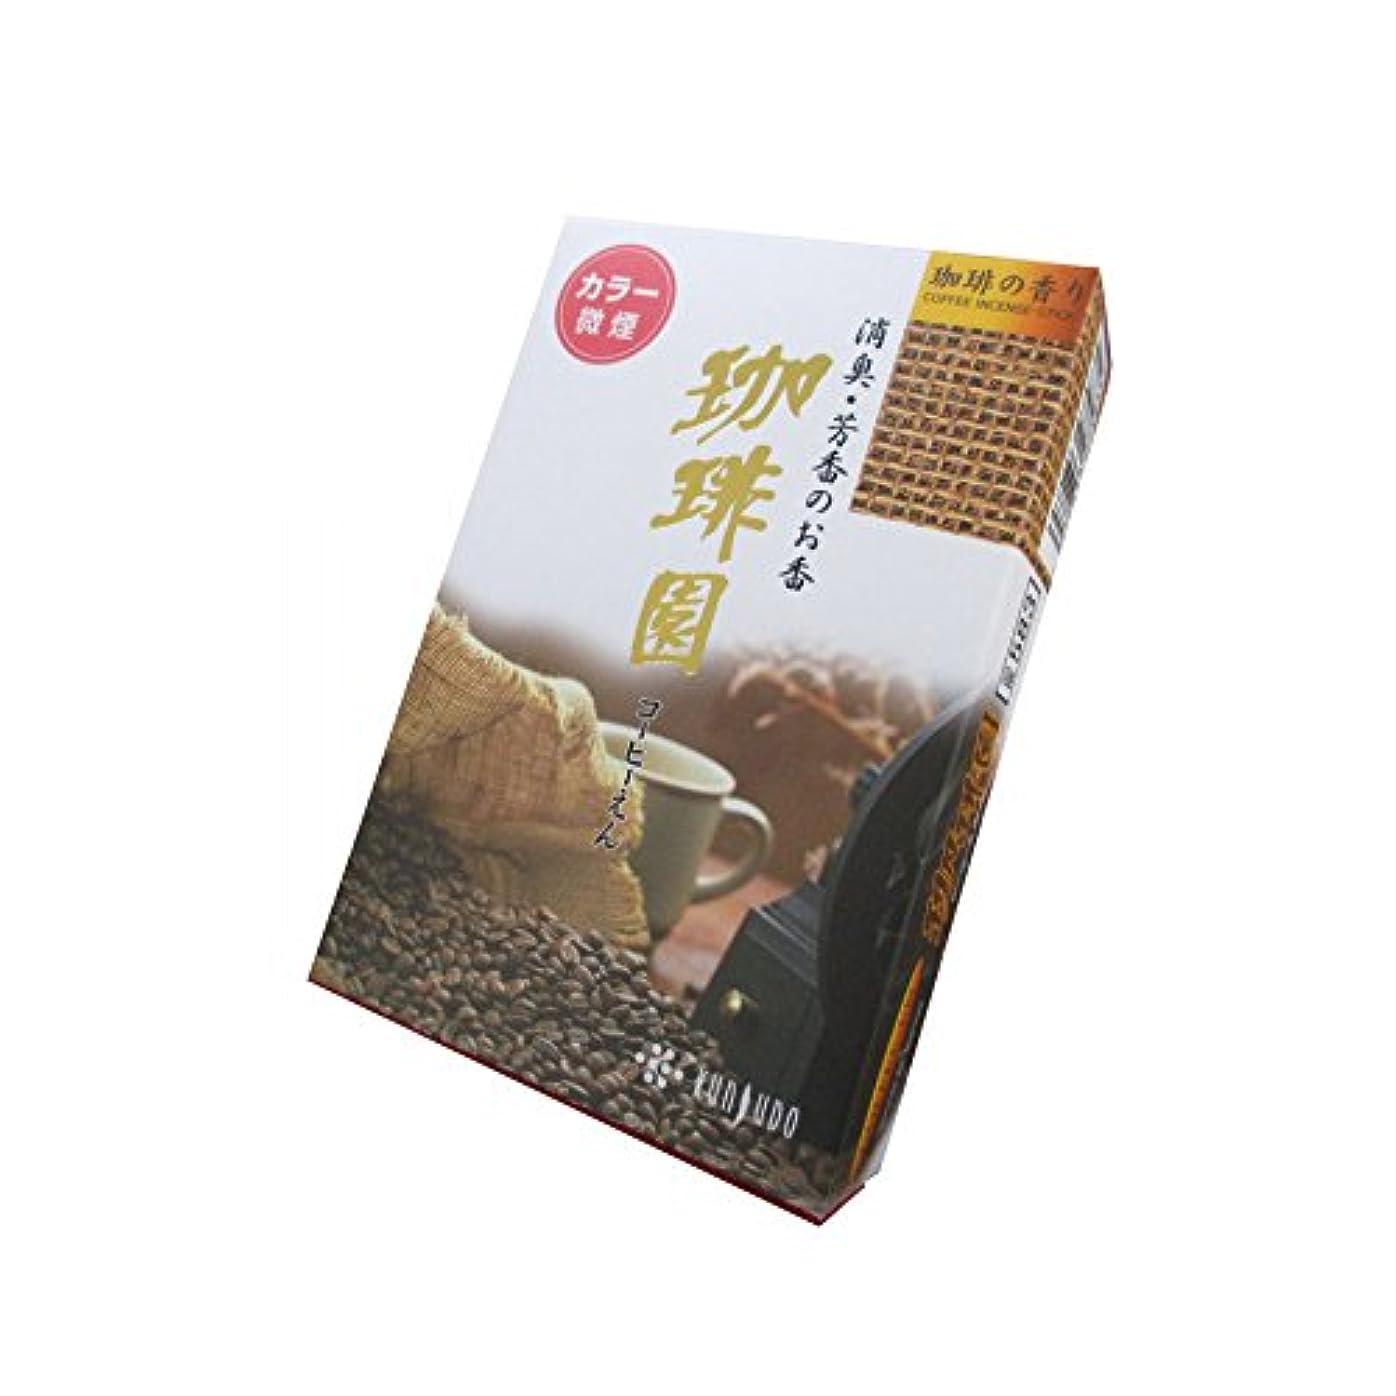 どんよりした恐怖症かかわらず薫寿堂のお線香 珈琲園 微煙 ミニ寸 #583